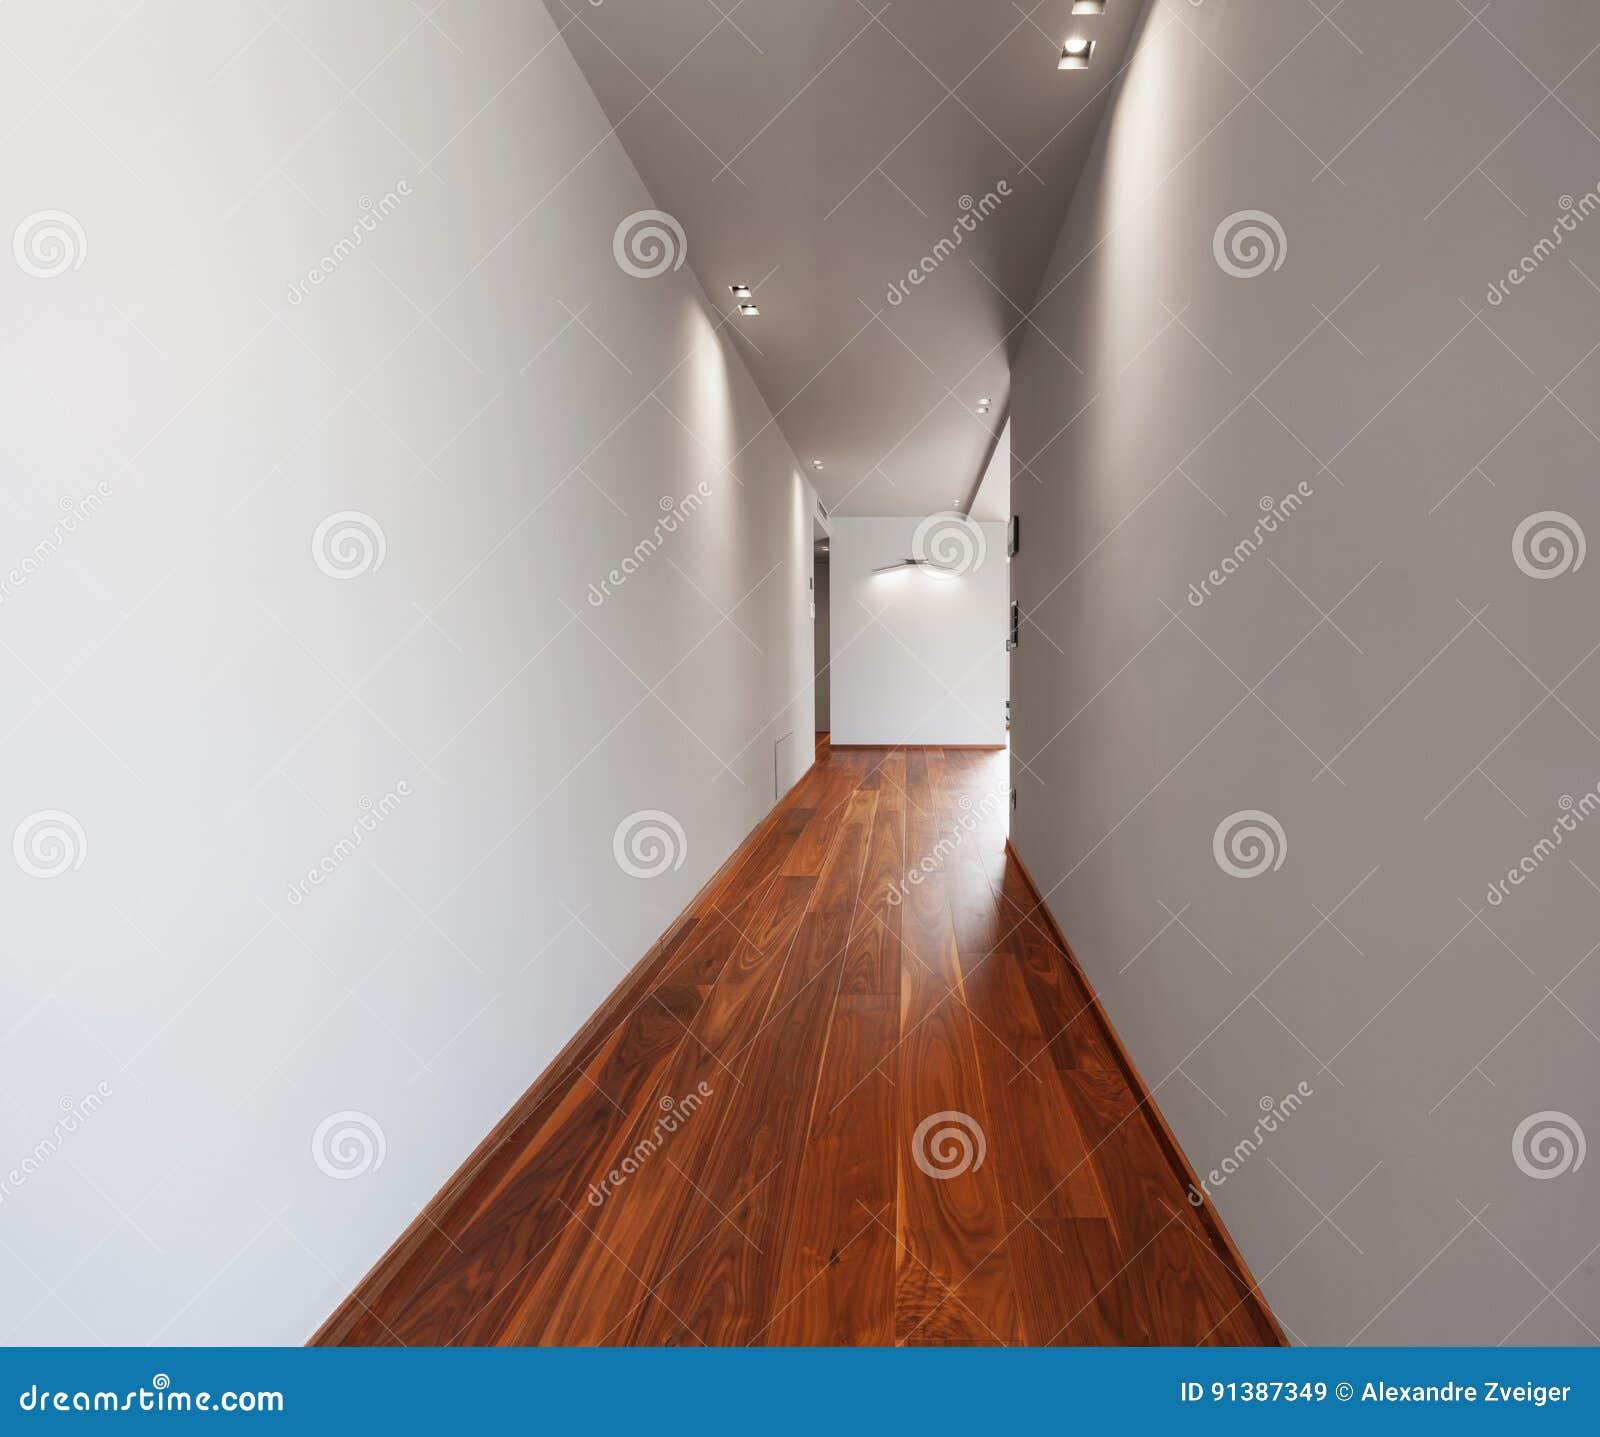 Korridor in einem modernen Haus, leere weiße Wände